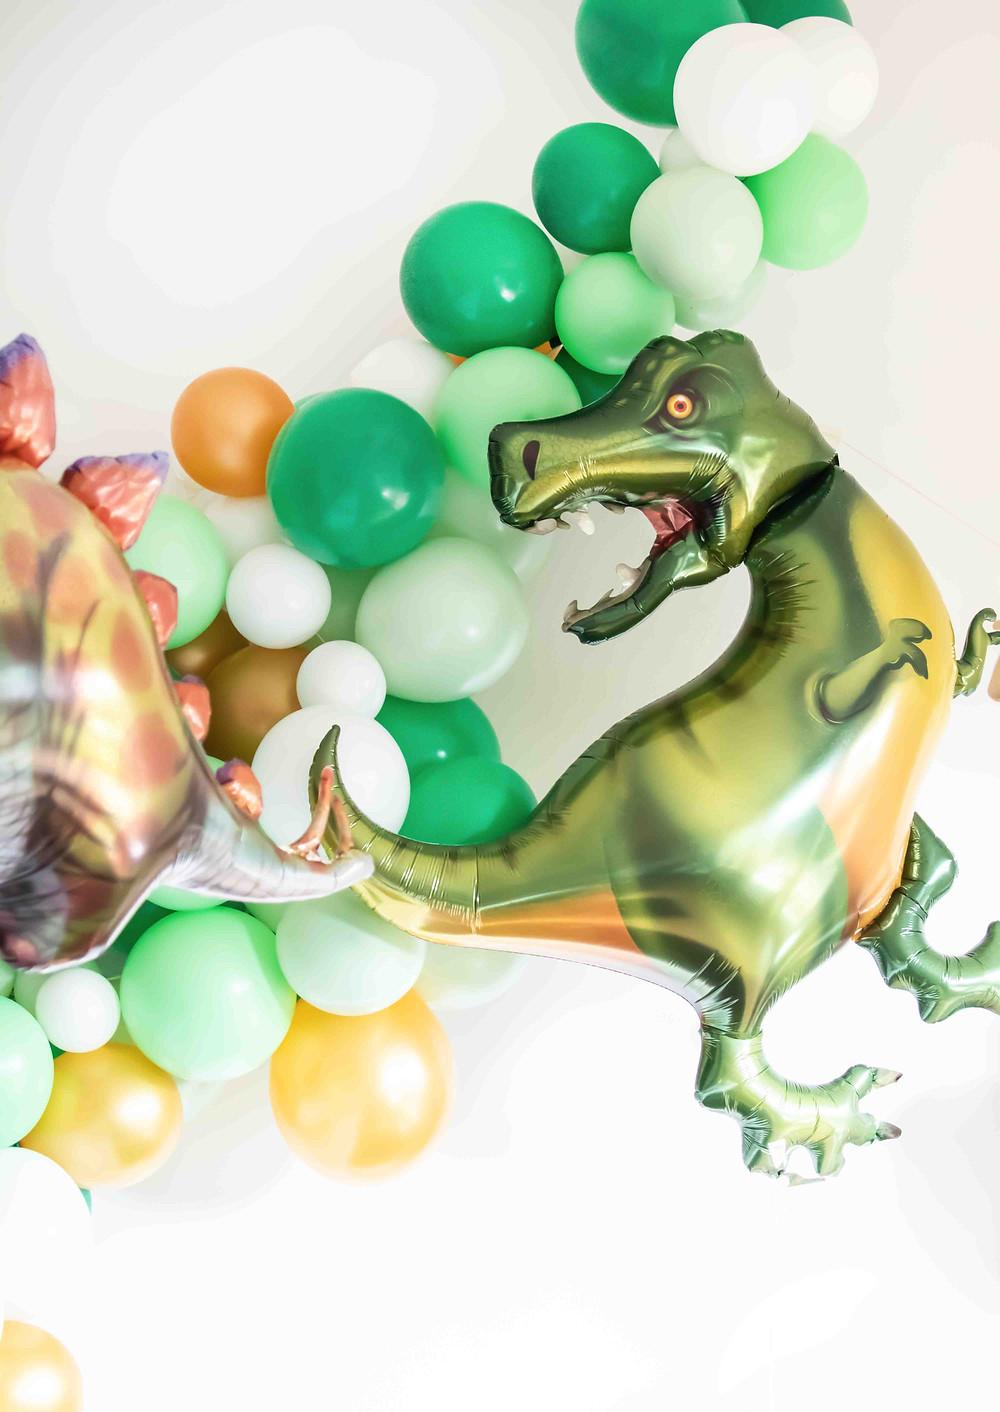 Three-Rex Party, Dino Party, Dinosaurier, Mottoparty, Kindergeburtstag, Mädchengeburtstag, Kinderdeko, Partydeko, Geburtstagsdeko